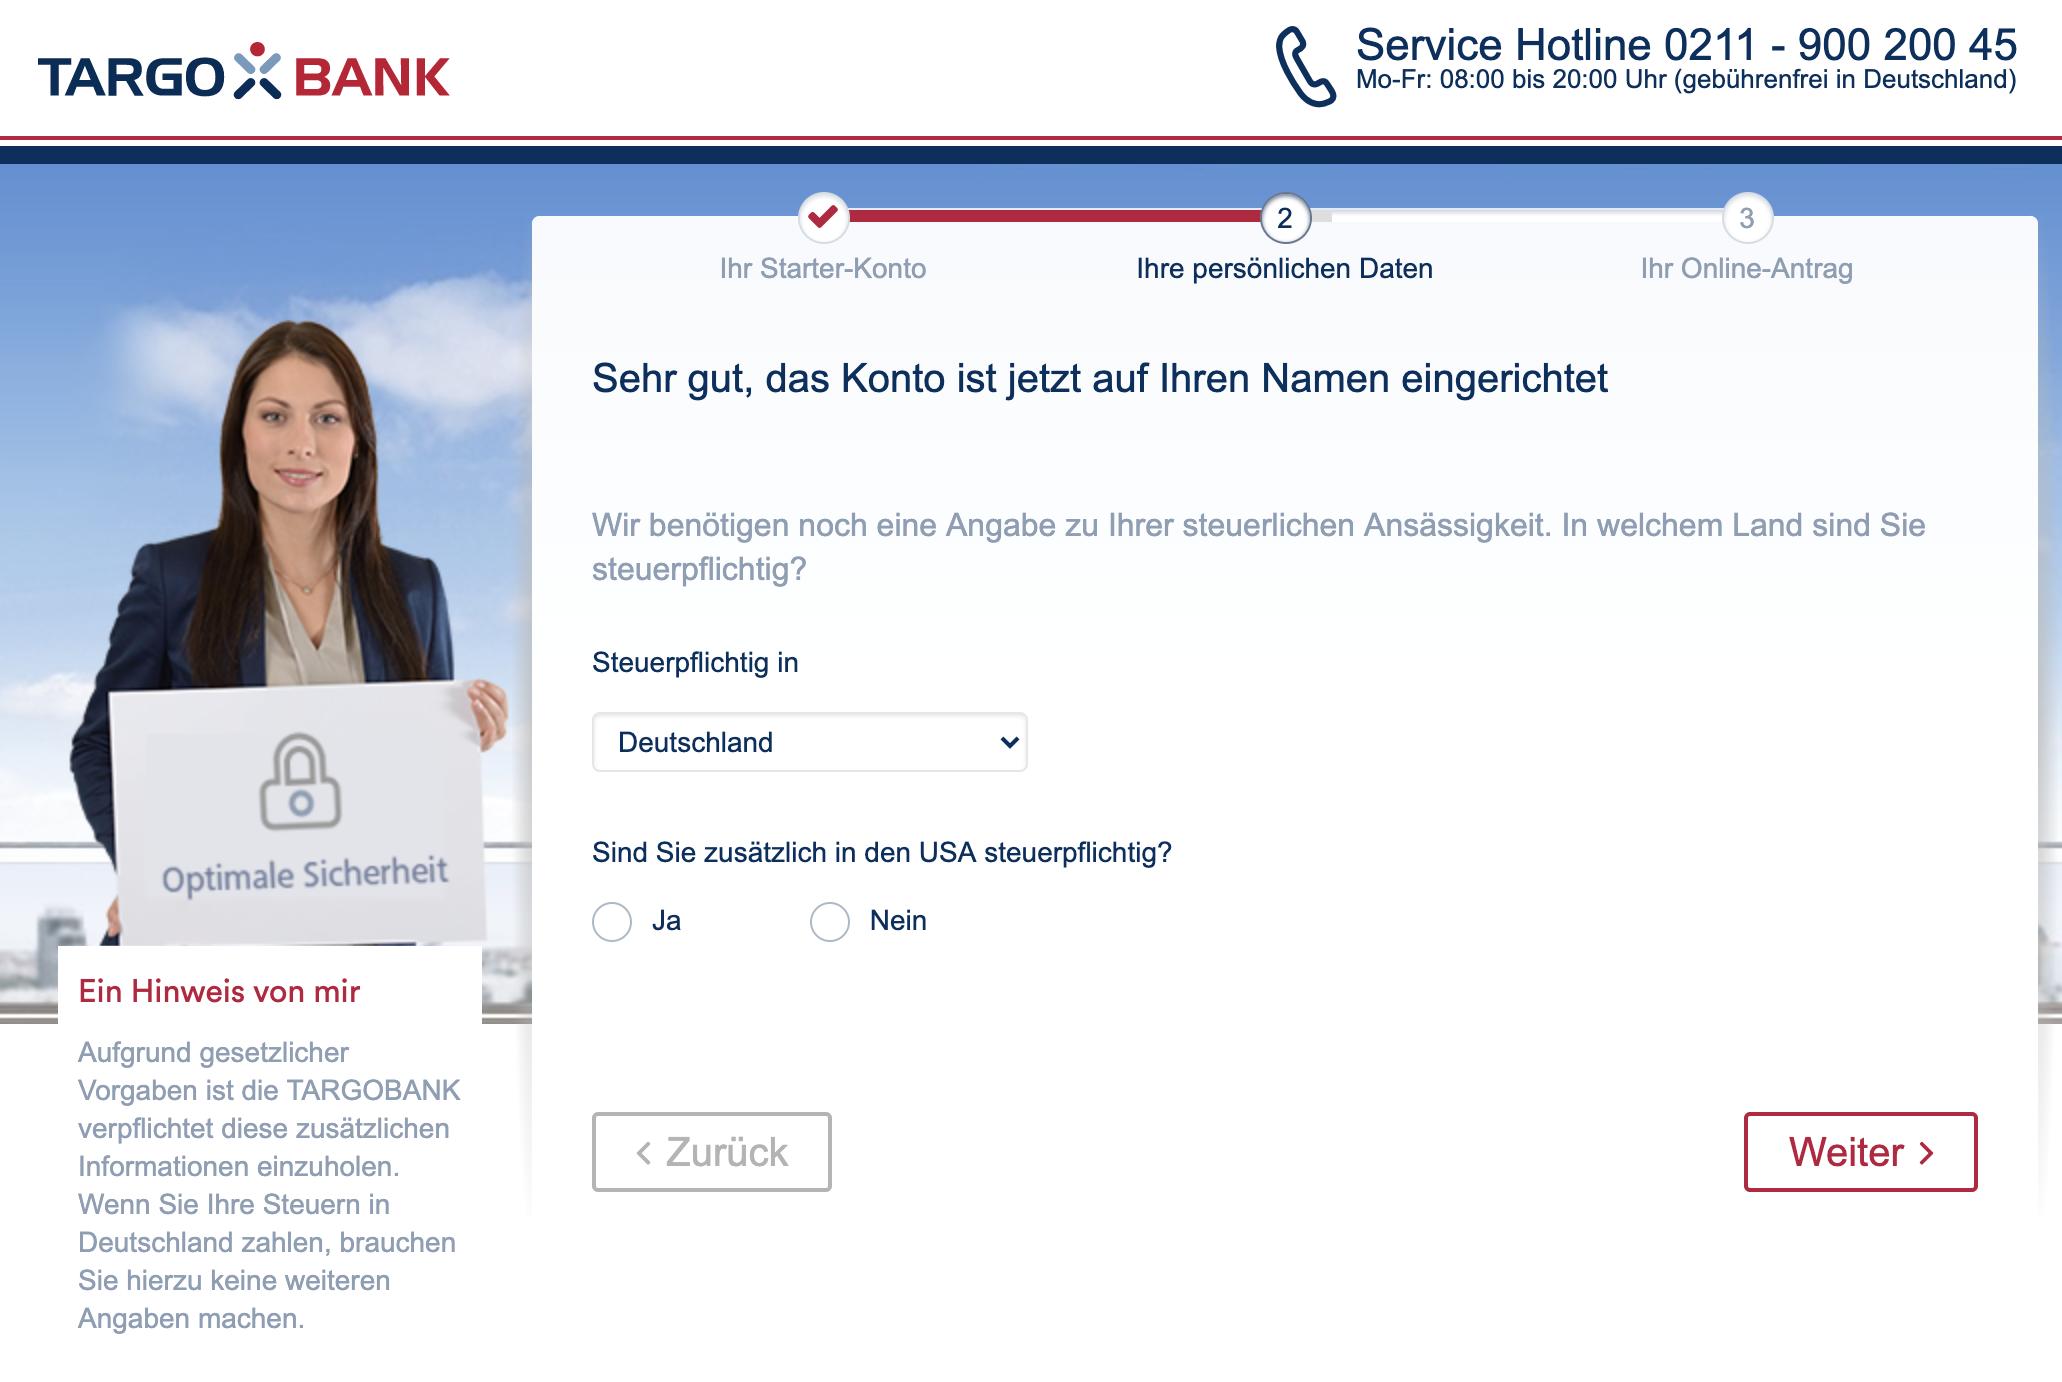 Targobank Girokonto Online Antrag Steuerpflichtig?